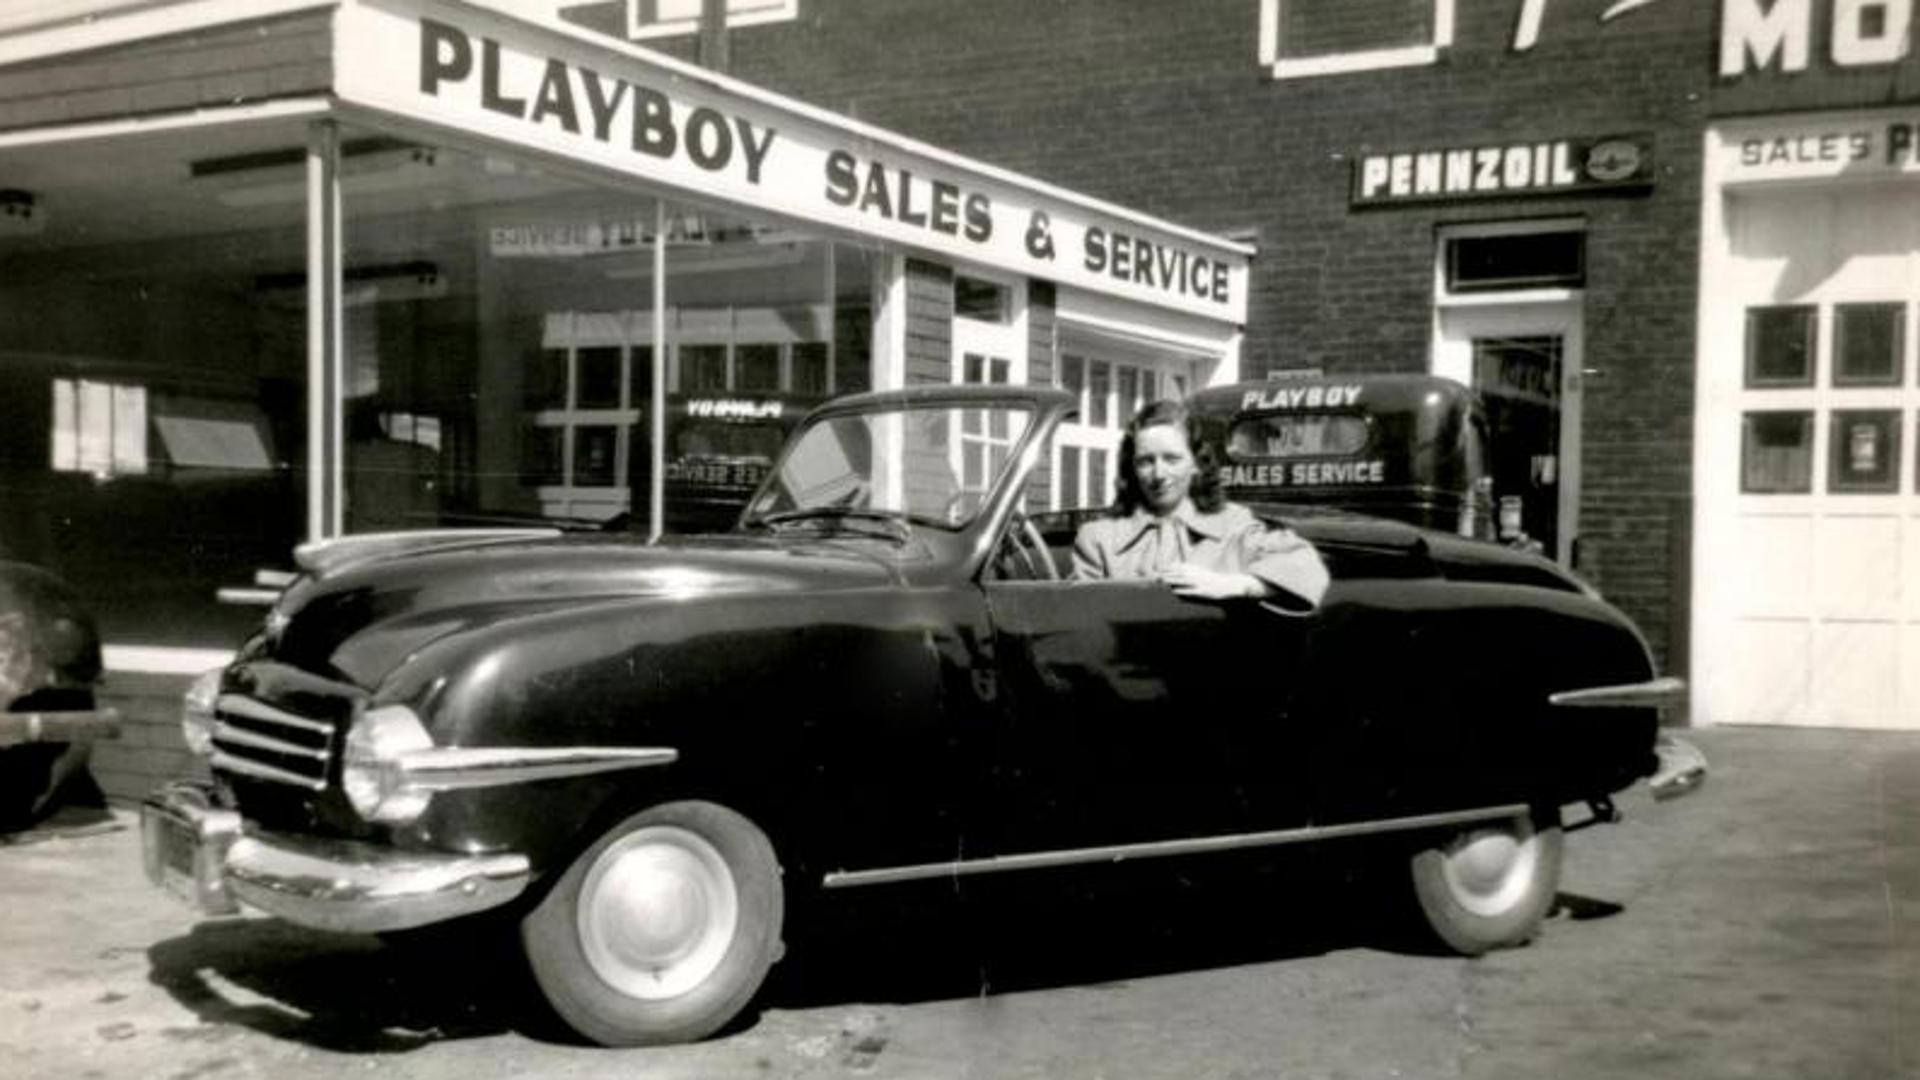 Hugh Hefner Named Playboy Magazine After a Bankrupt Small Car ...